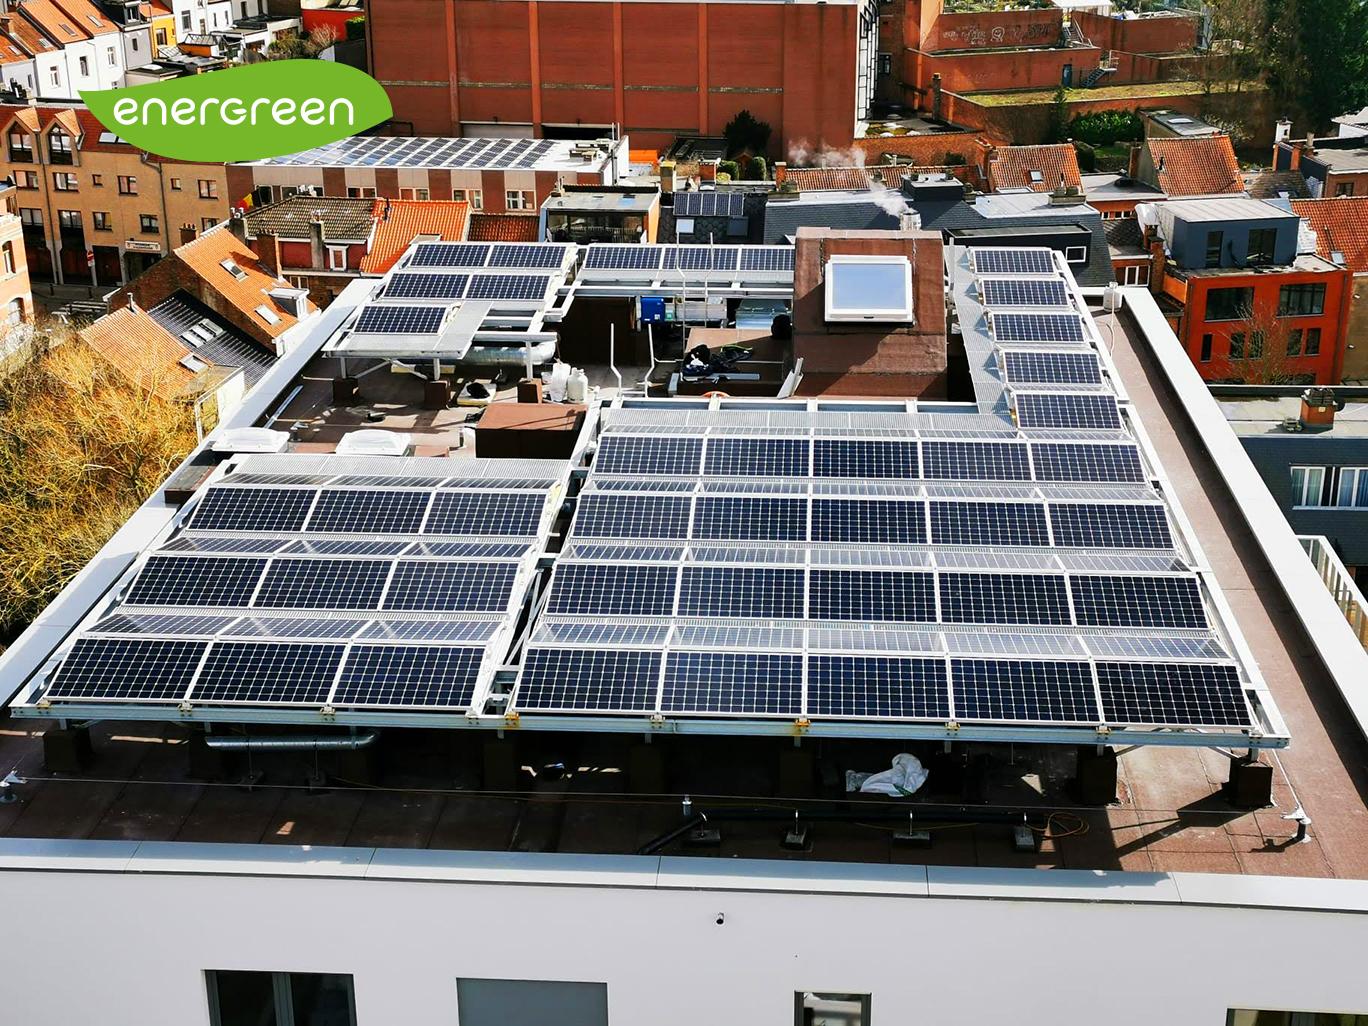 Installation panneaux photovoltaïques B2B Sunpower X22 360 Energreen